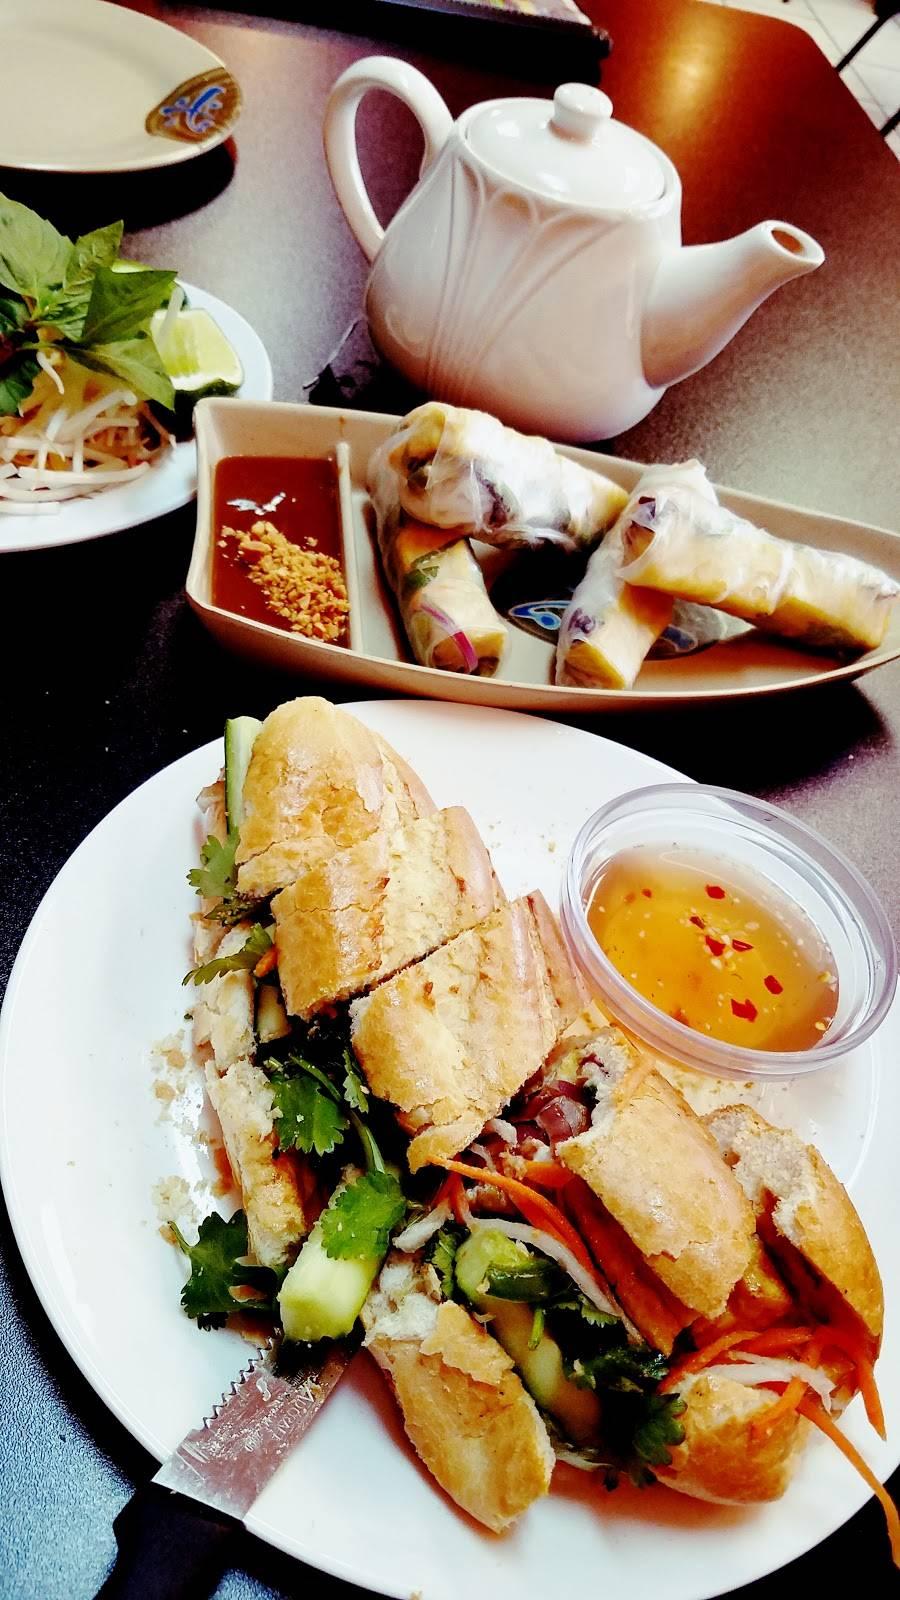 Saigon Restaurant   restaurant   9530 179th St, Tinley Park, IL 60487, USA   7085322338 OR +1 708-532-2338